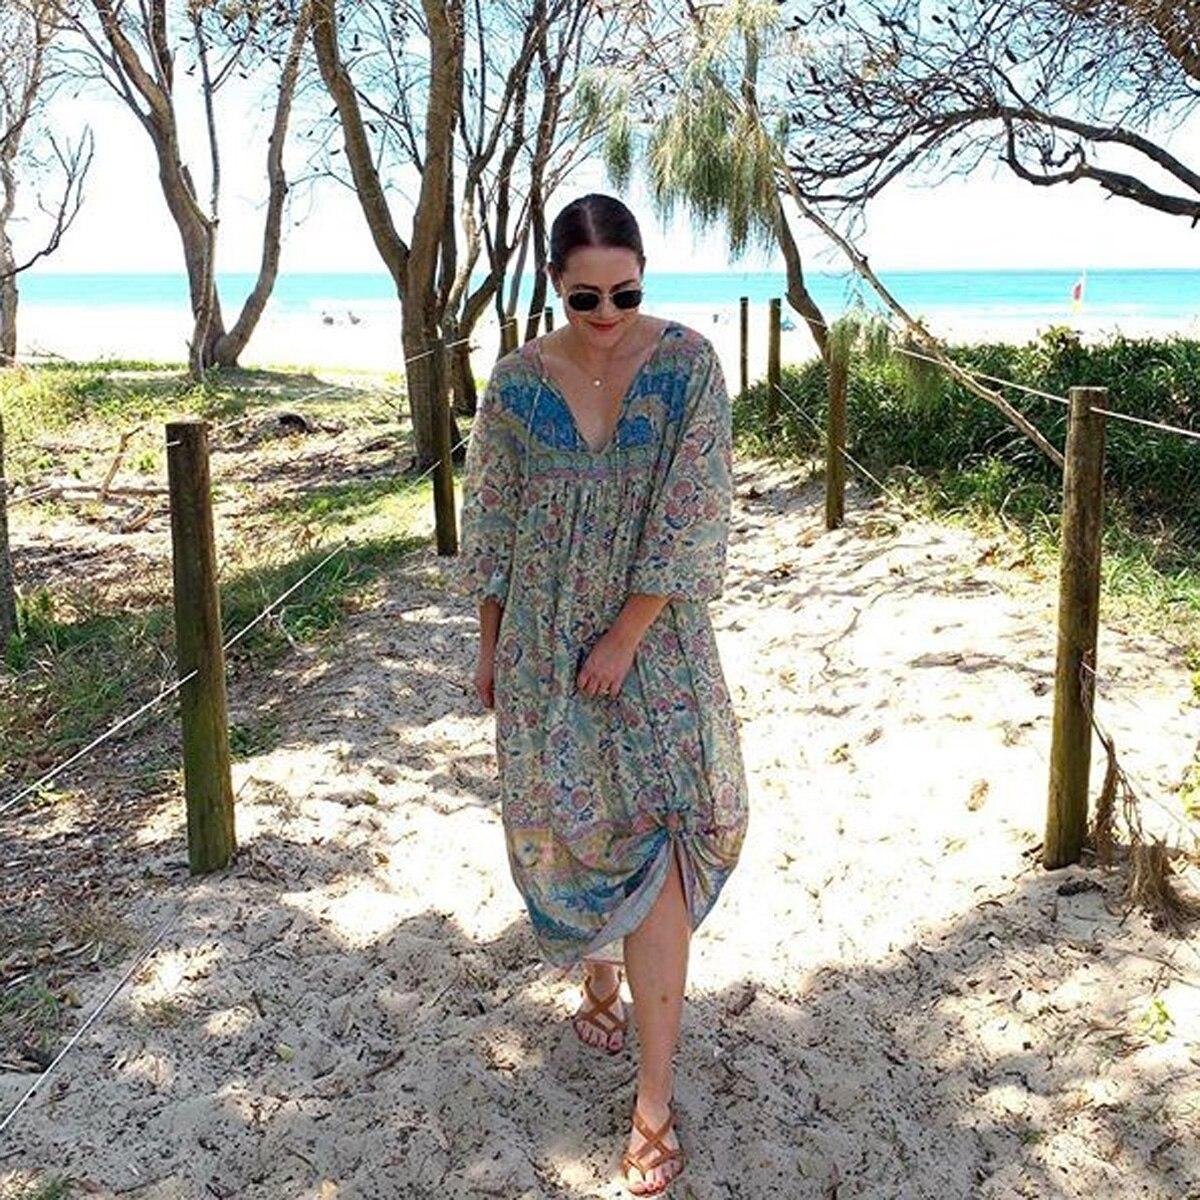 4b47953b3135c Jastie Dreamy Oasis Boho Maxi Dress V-Neck with Tassel Hippie chic ...